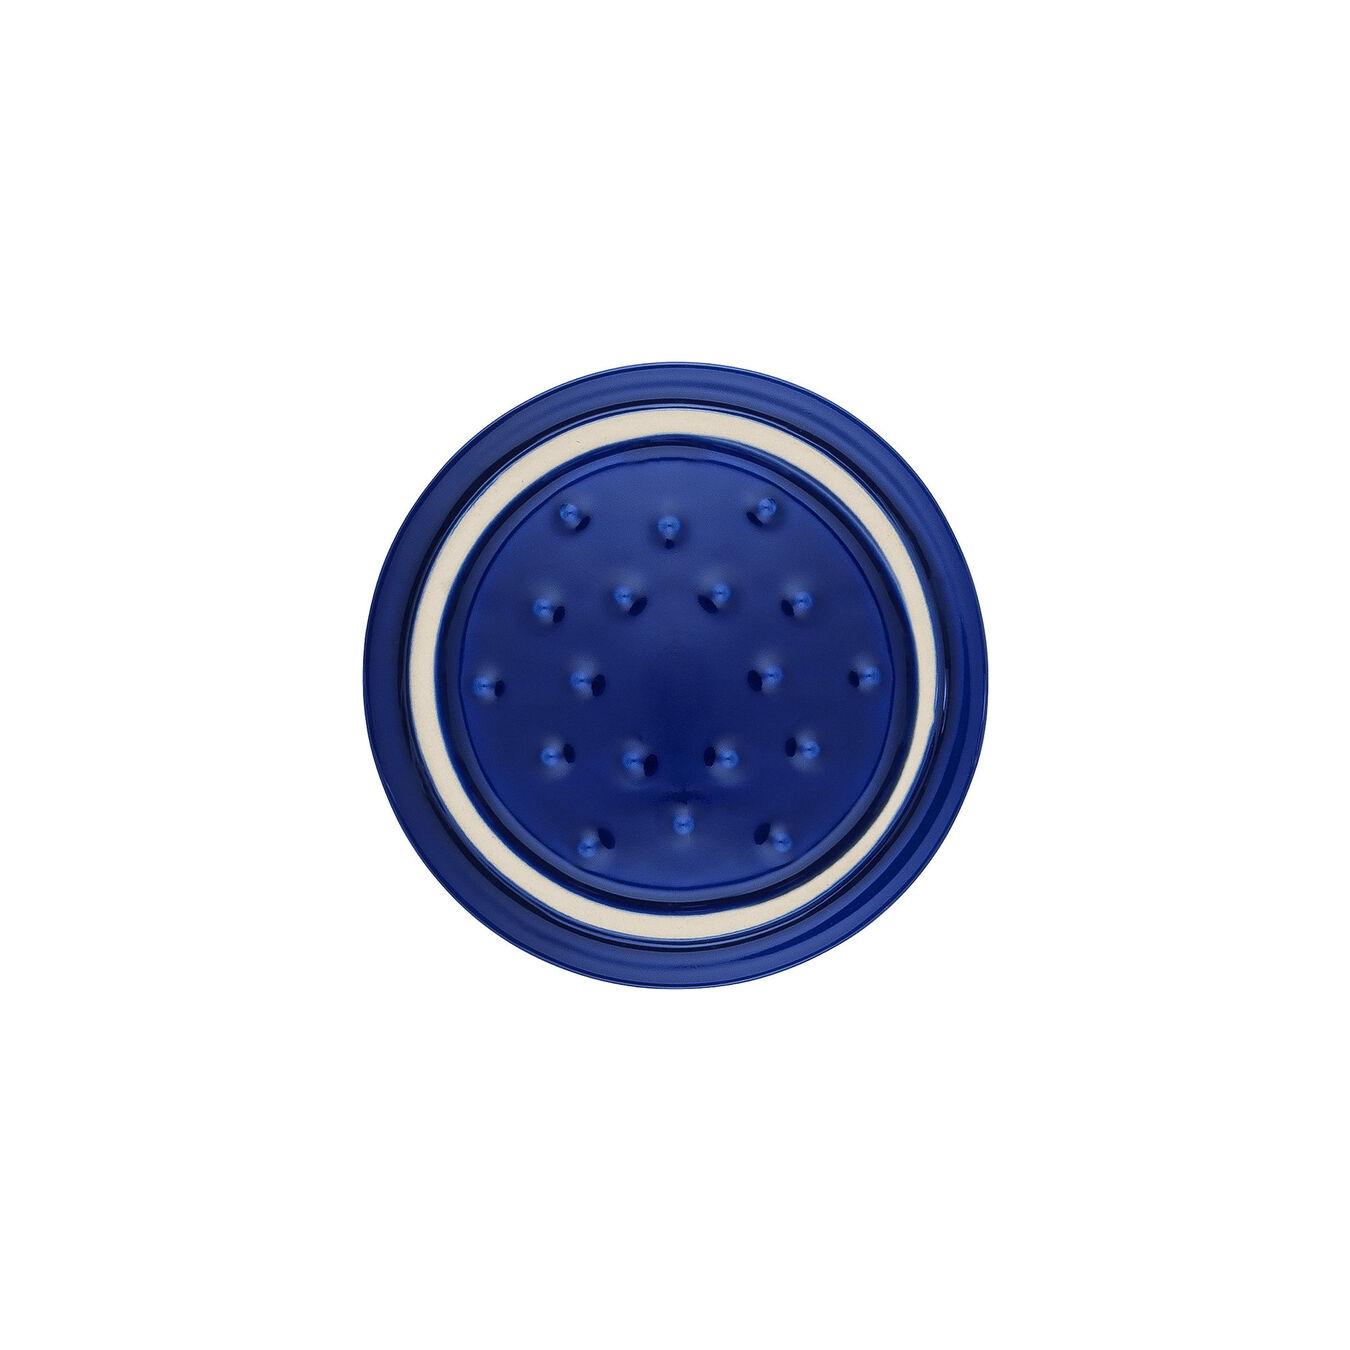 Mini Cocotte 10 cm, Rond(e), Bleu intense, Céramique,,large 2